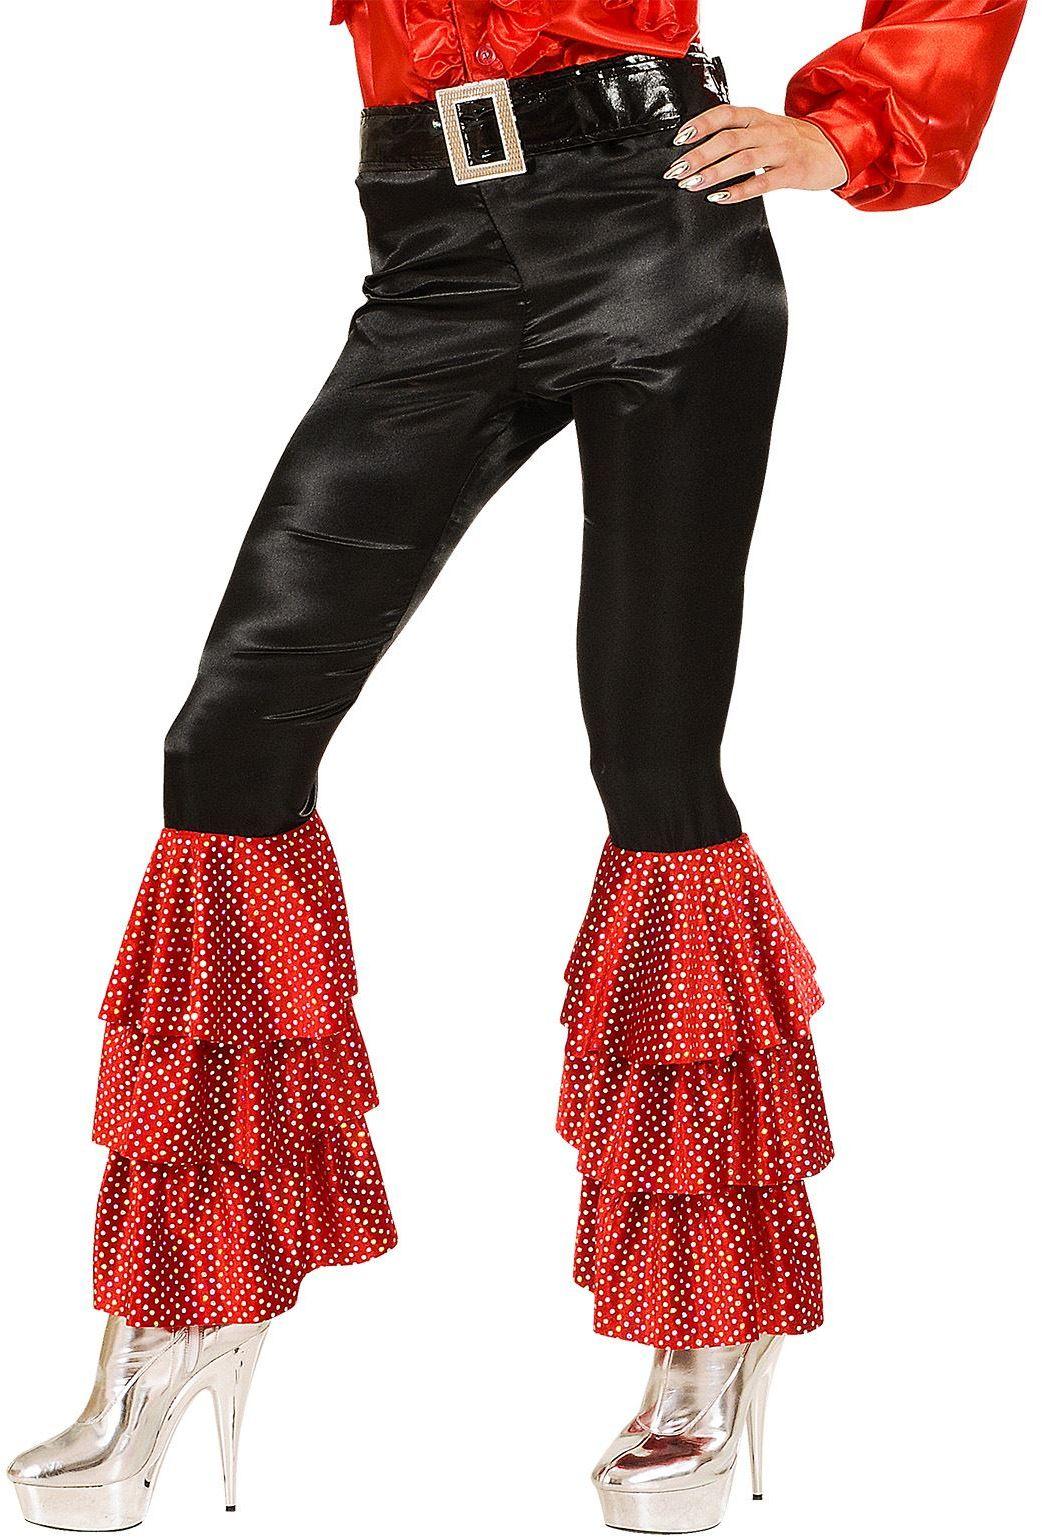 Fluwelen zwarte broek met 2 kleuren